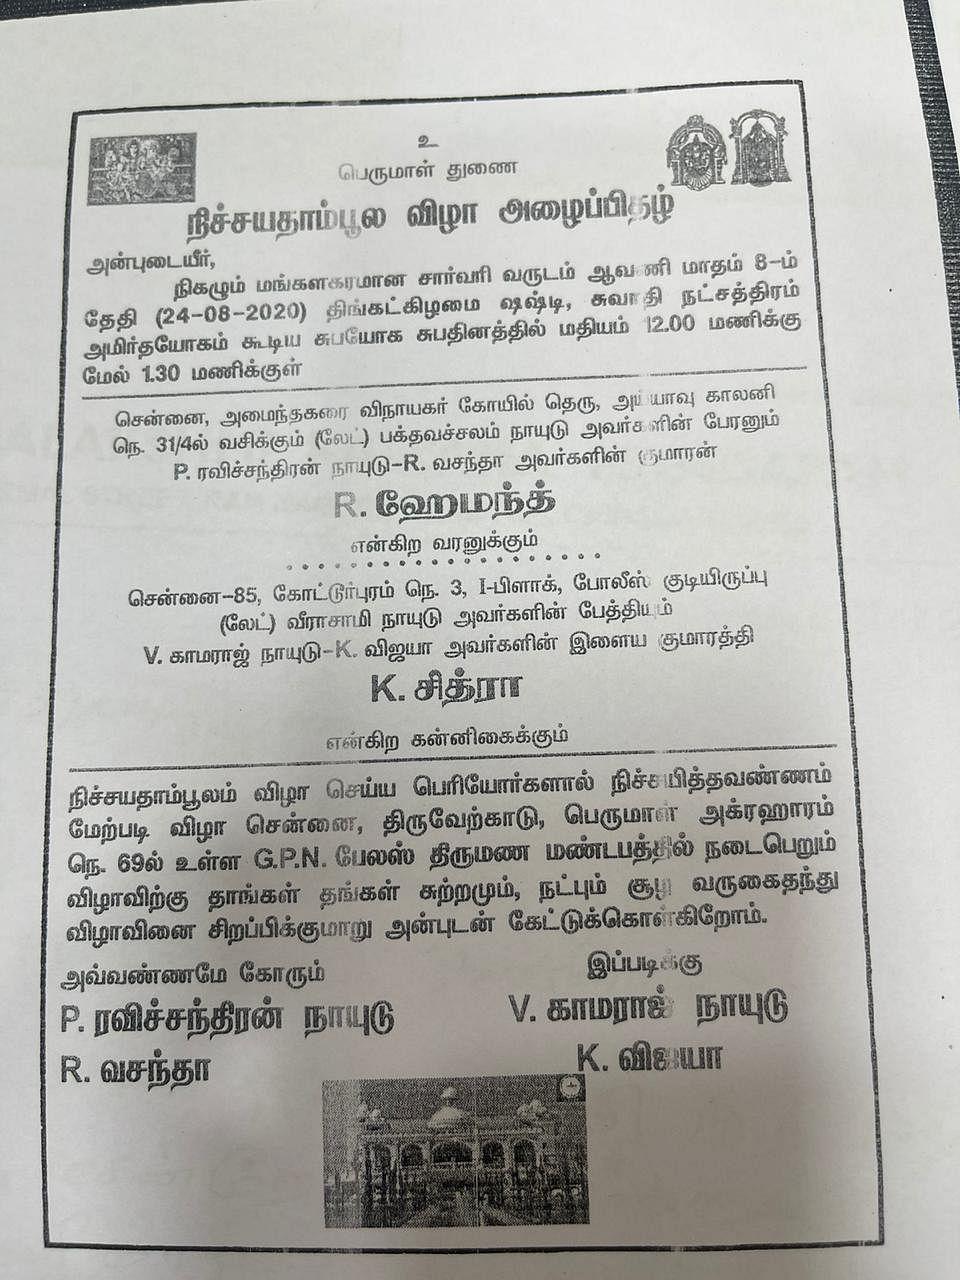 சித்ரா நிச்சயதார்த்த அழைப்பிதழ்